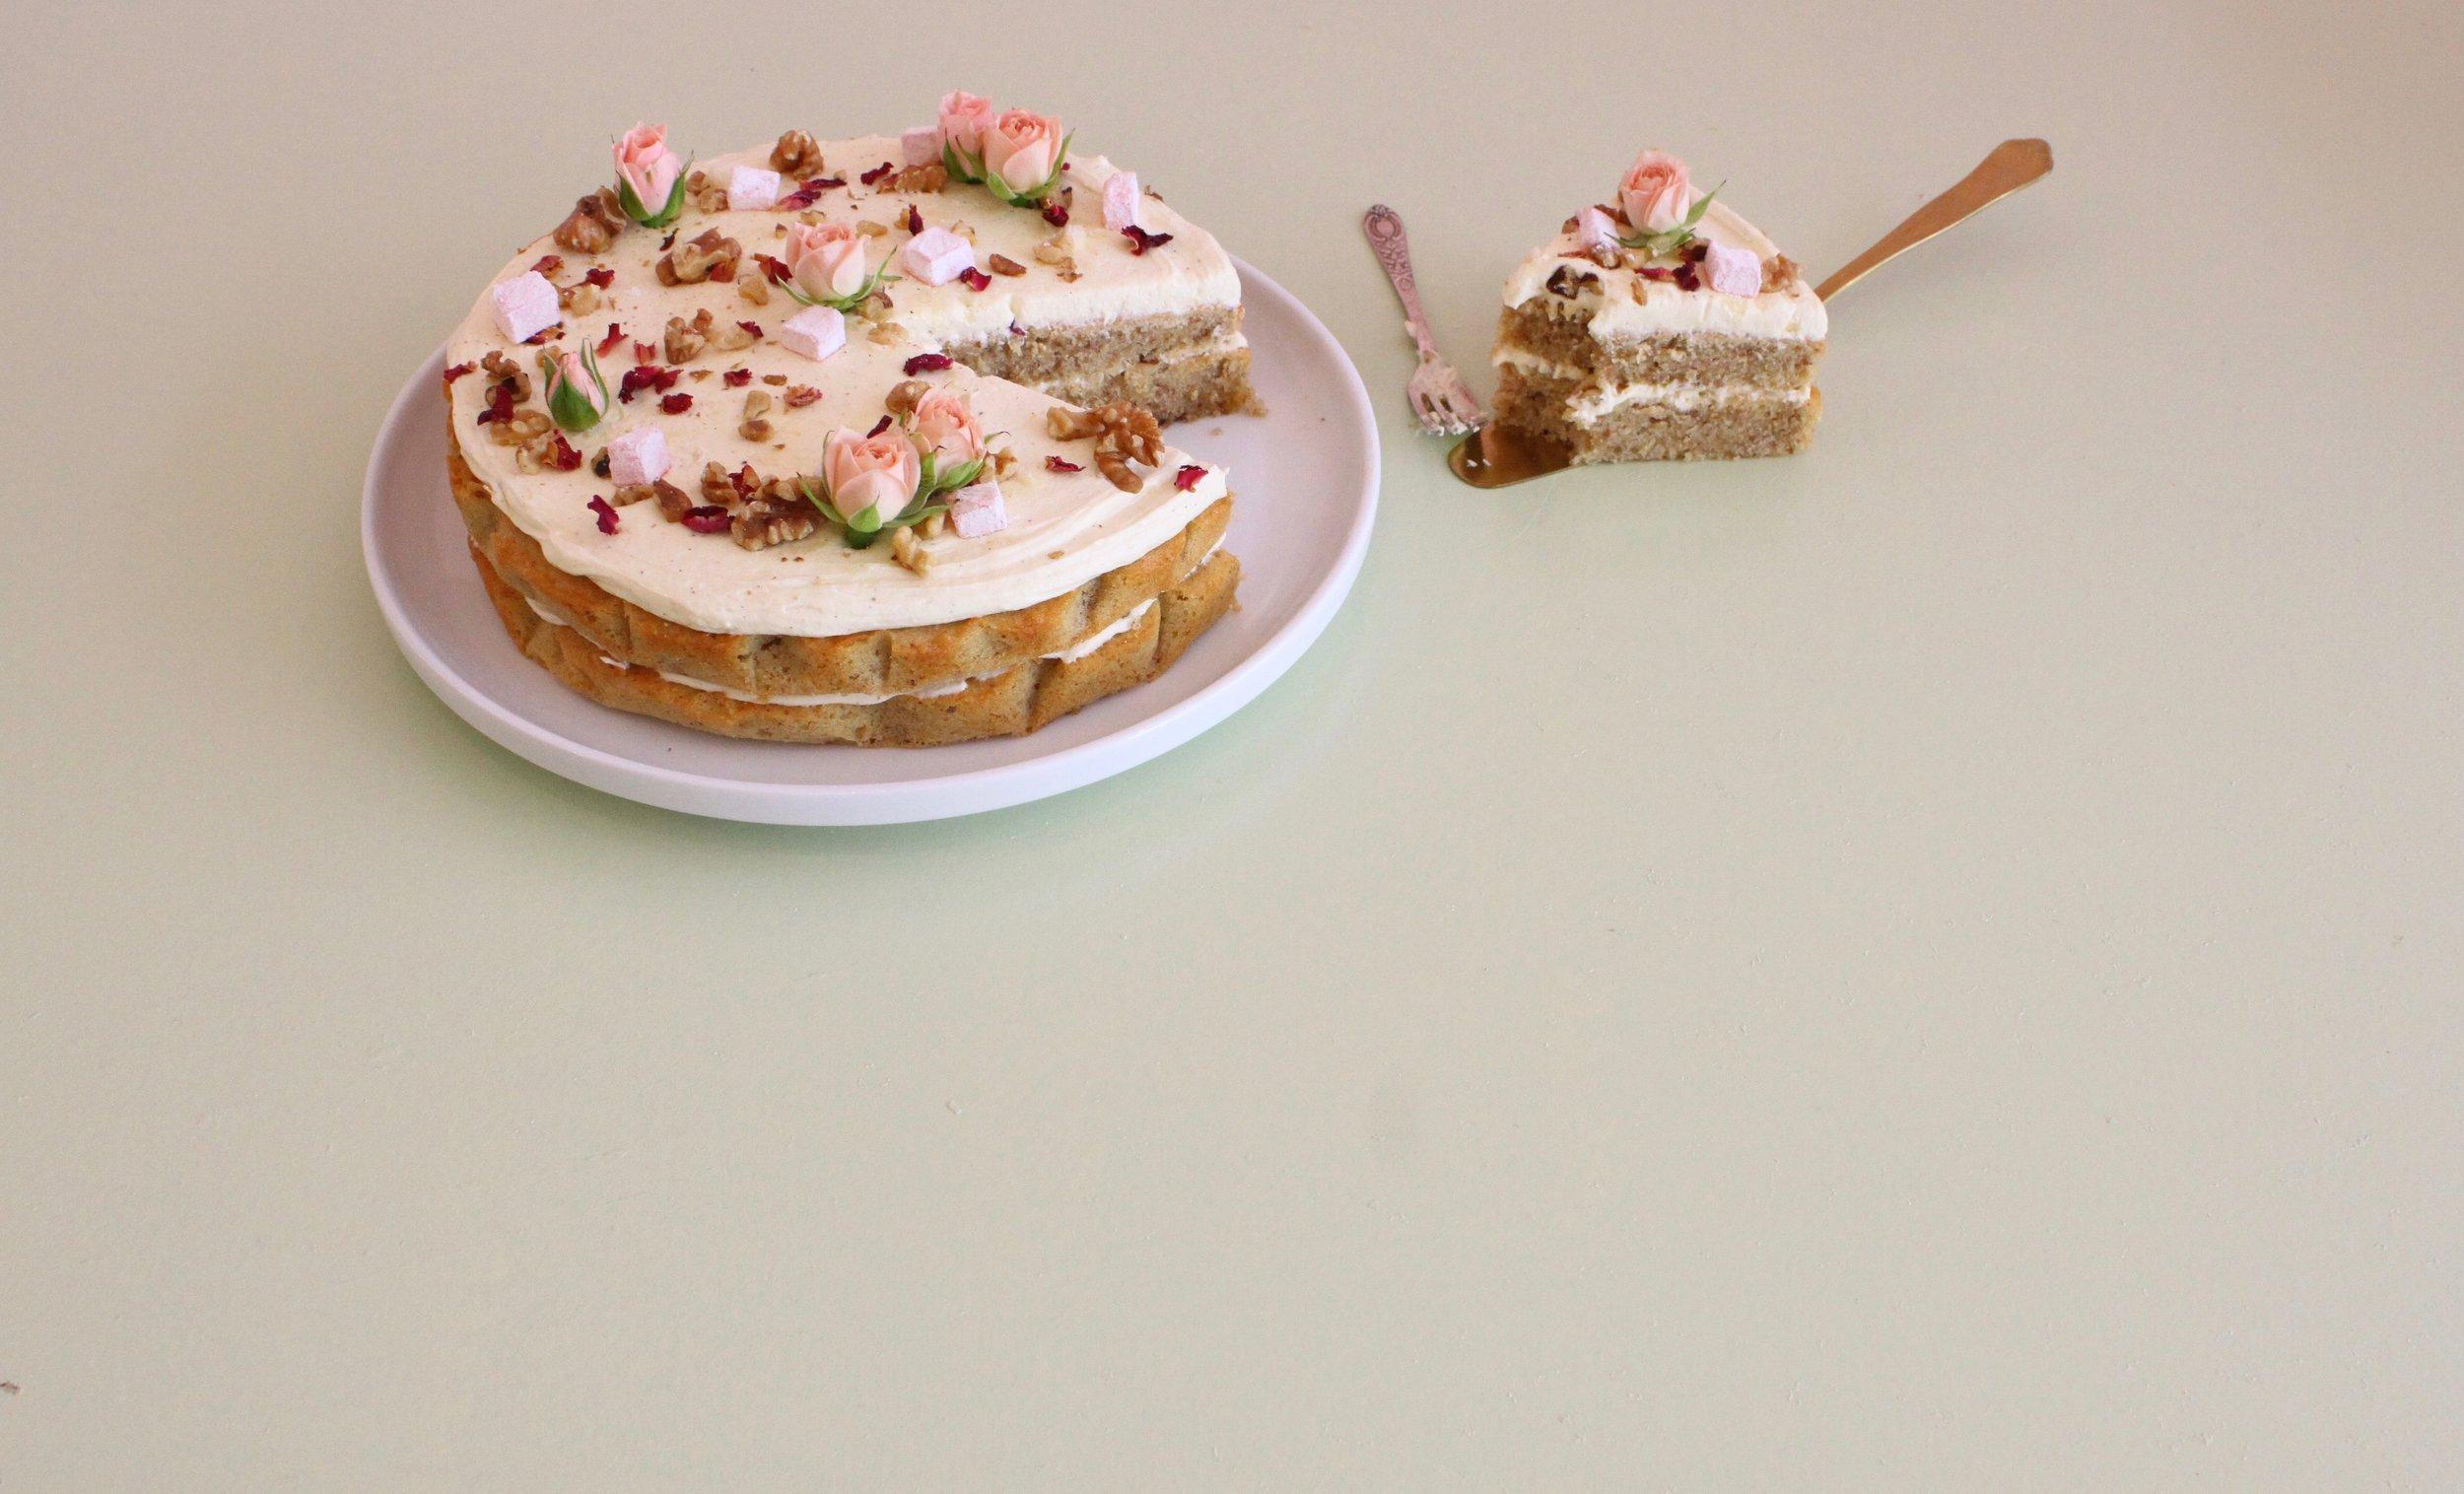 Baklava Cake Slice The Caker.jpg